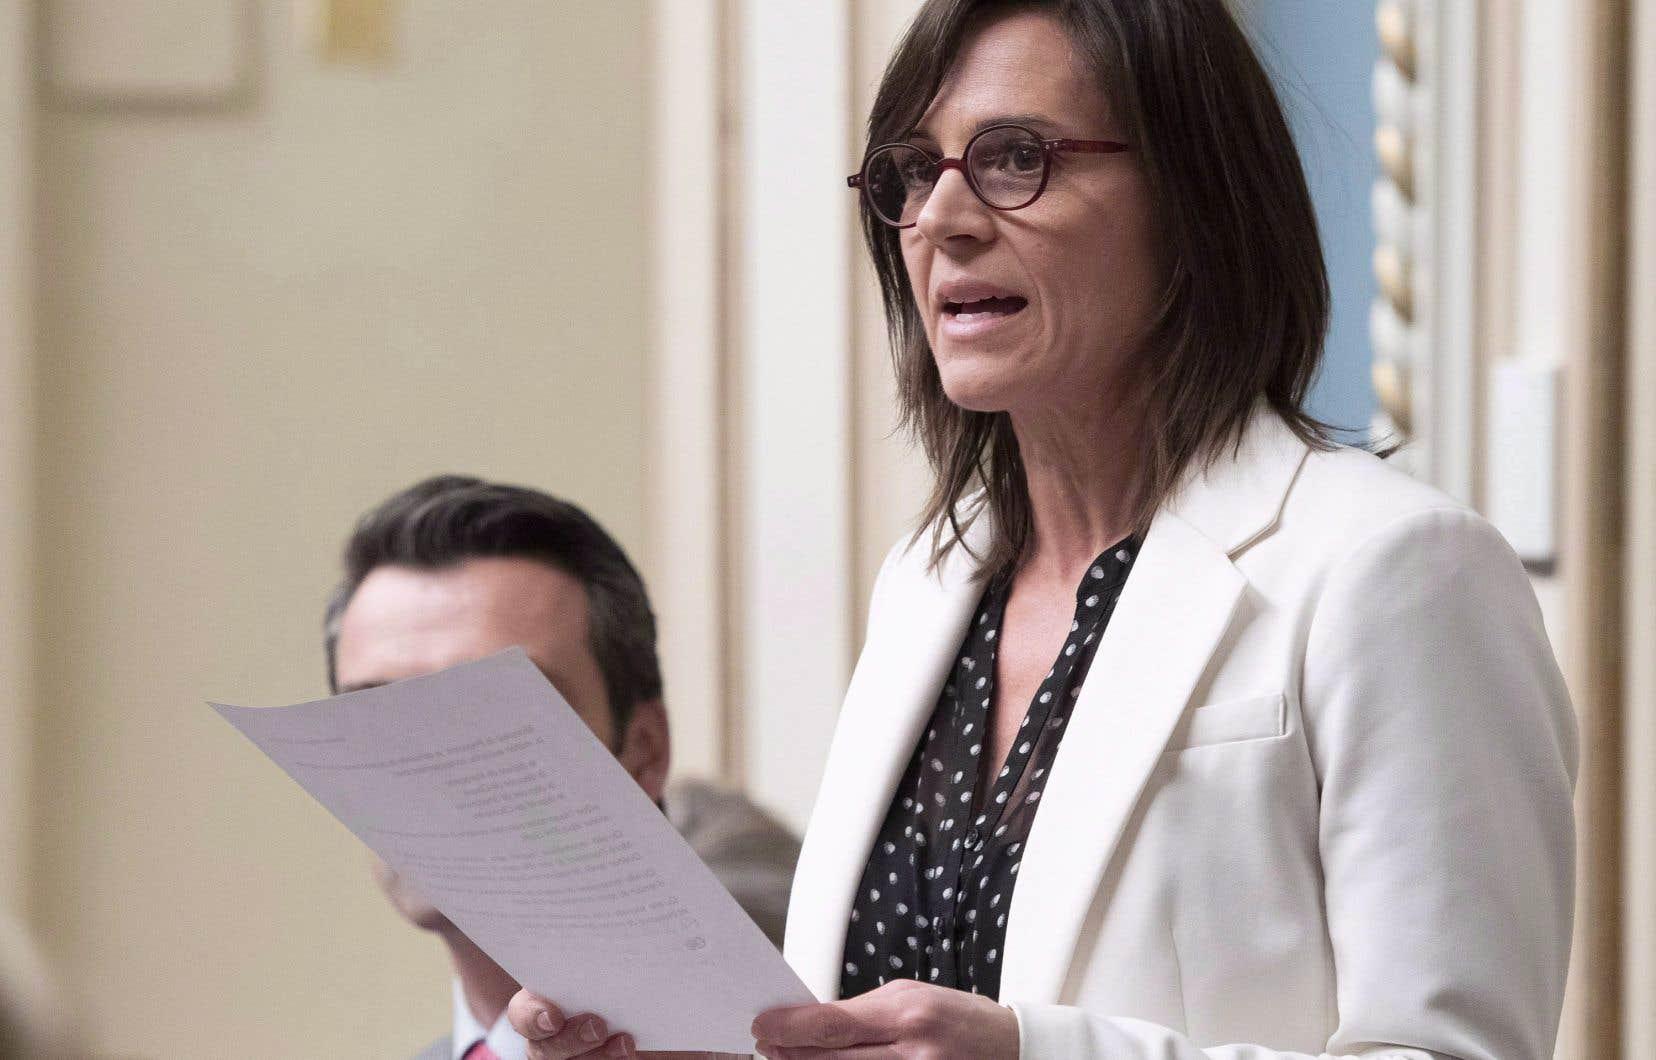 Il y a un «<em>momentum</em>» actuellement au Québec pour agir dans le domaine de la violence conjugale, estime Isabelle Charest, ministre responsable de la Condition féminine.